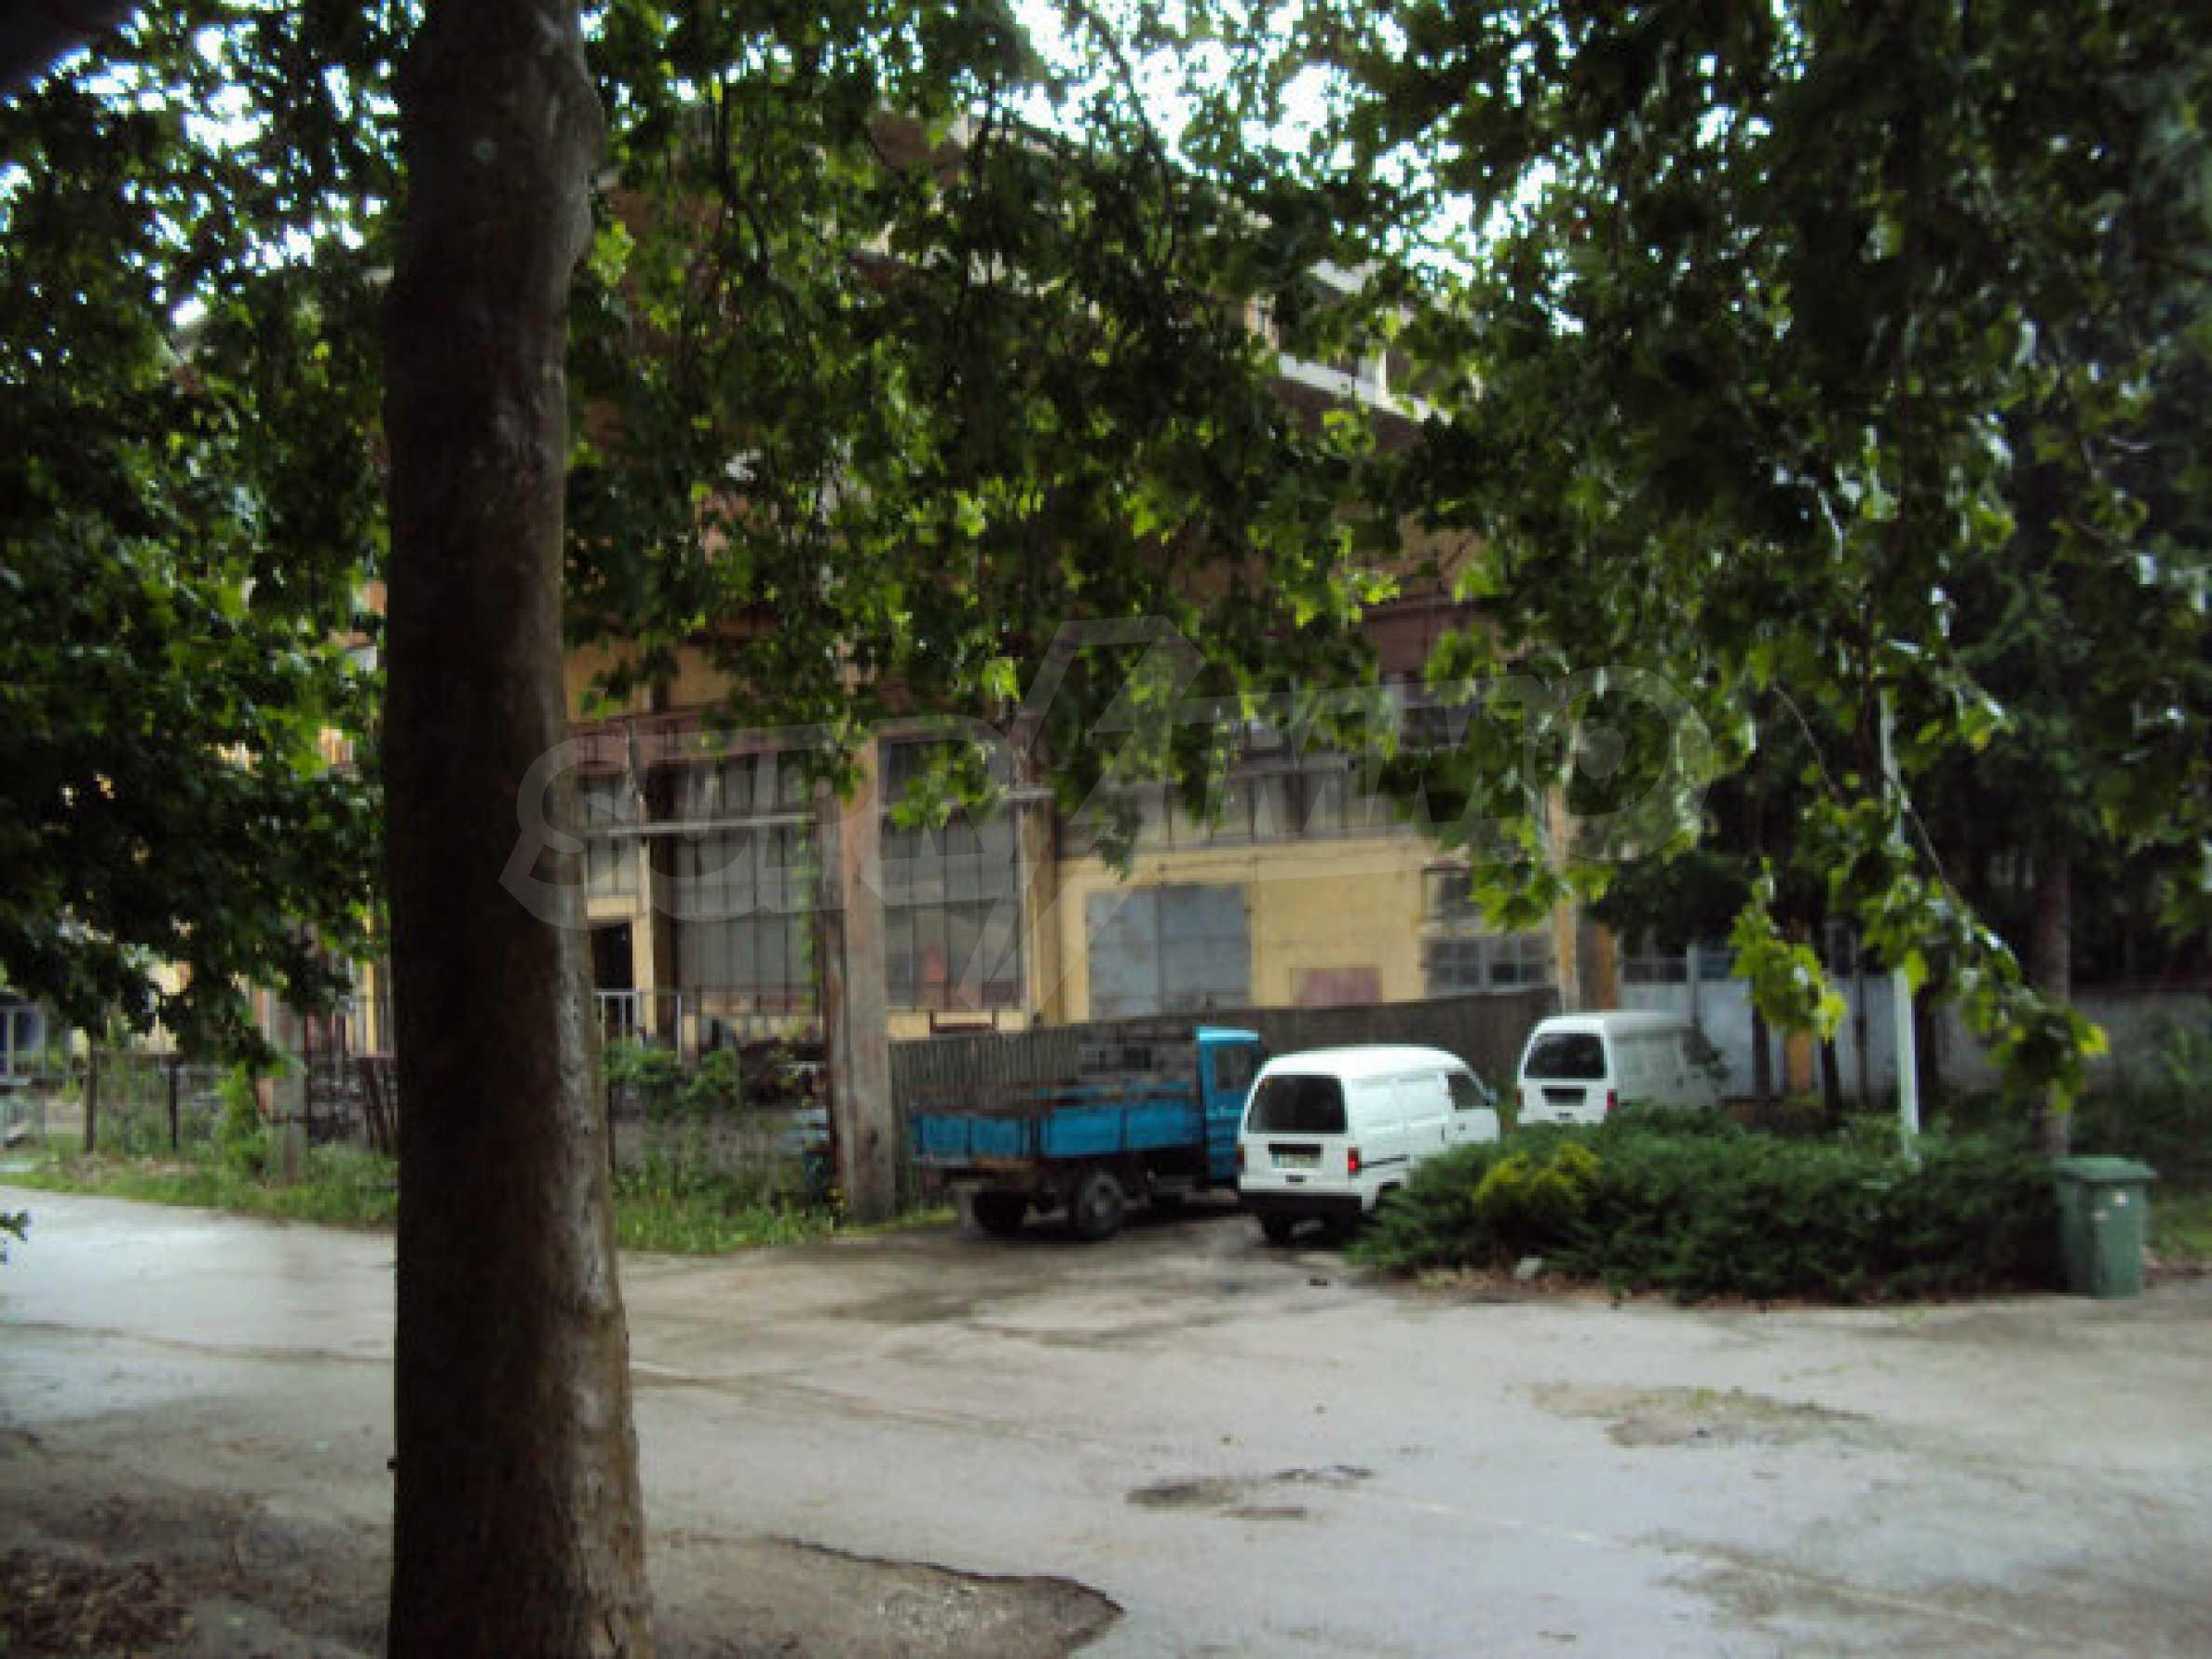 Factory for metal parts in Veliko Tarnovo 65